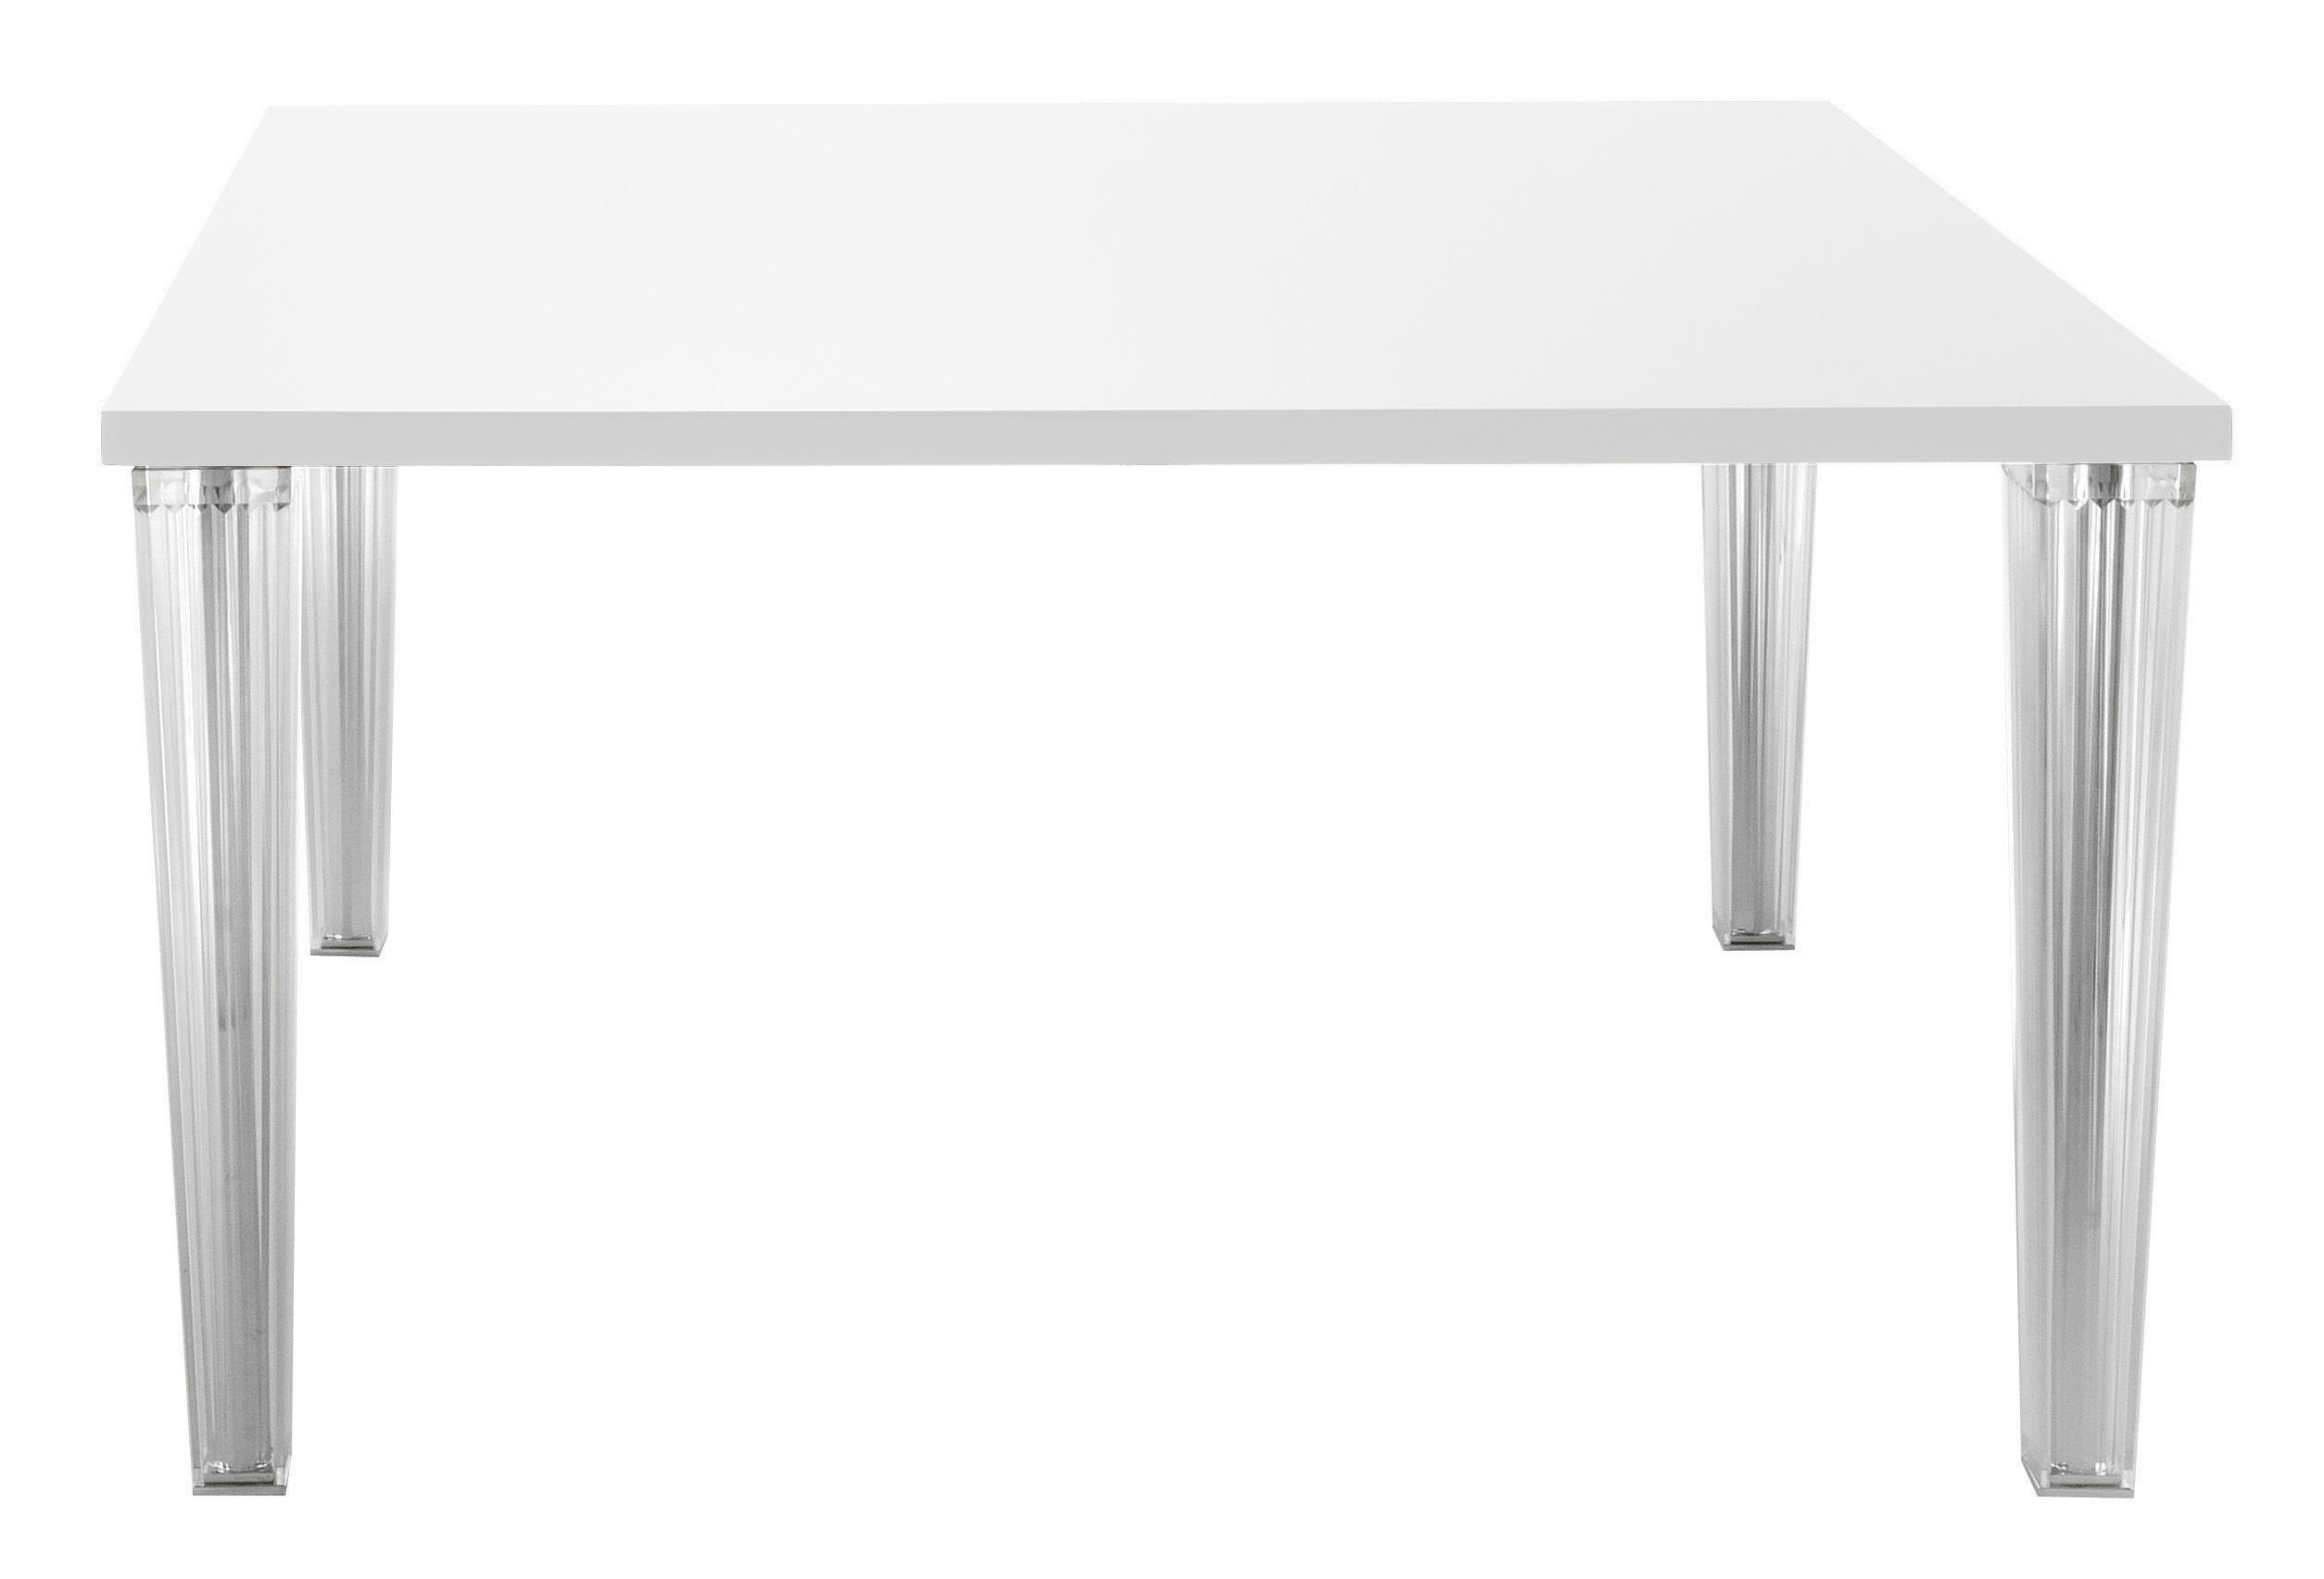 Möbel - Tische - Top Top quadratischer Tisch 130 cm - Tischplatte lackiert - Kartell - Weiß - lackiertes Polyester, Polykarbonat